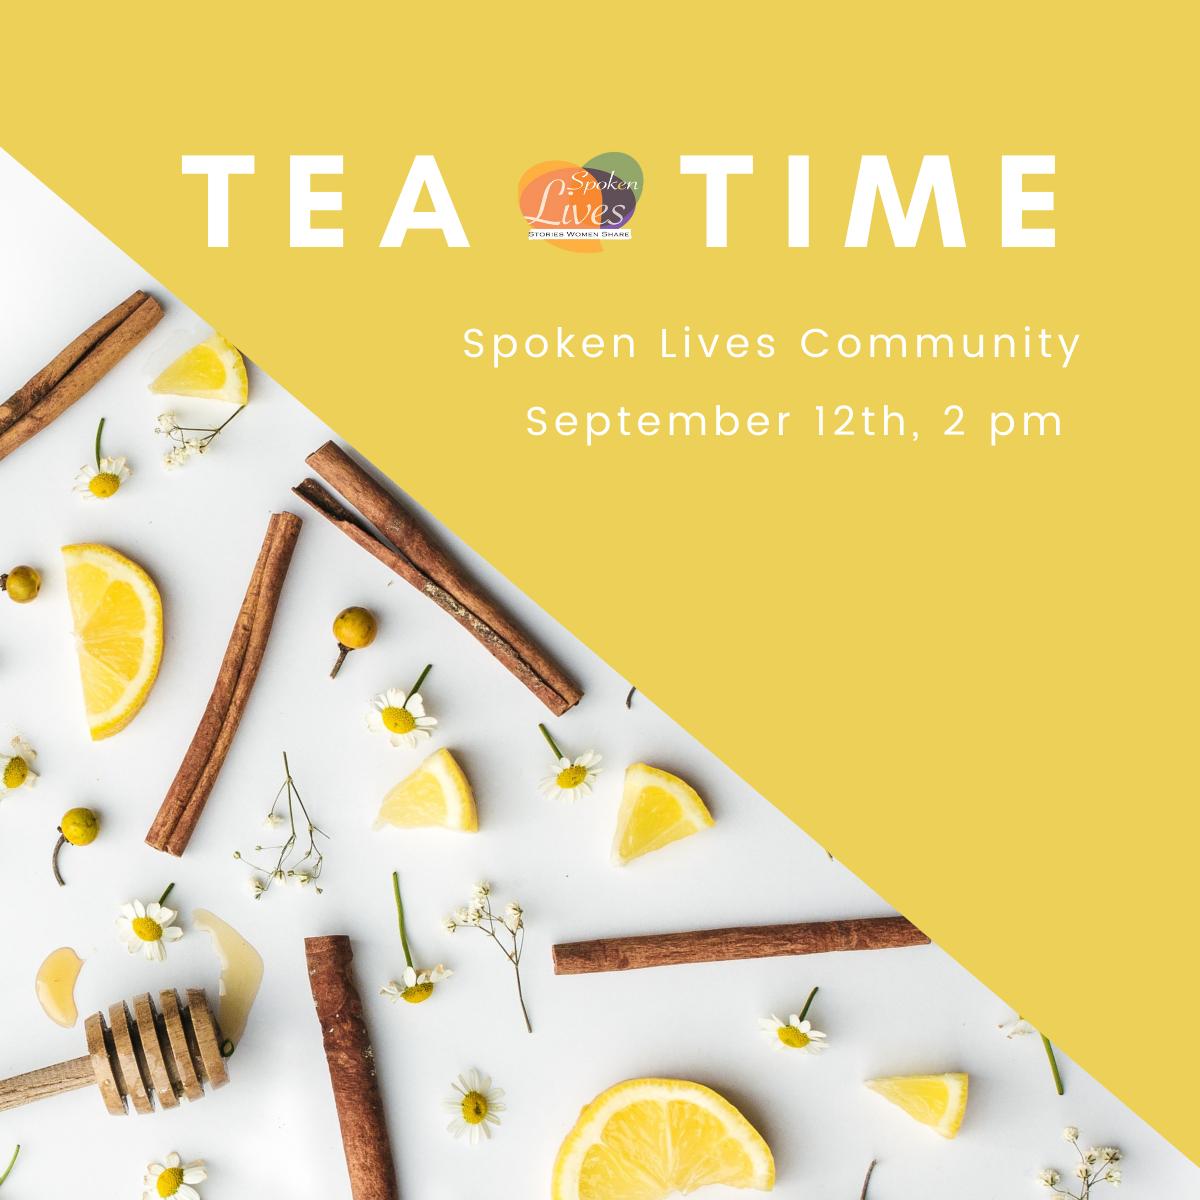 September Tea Time flyer